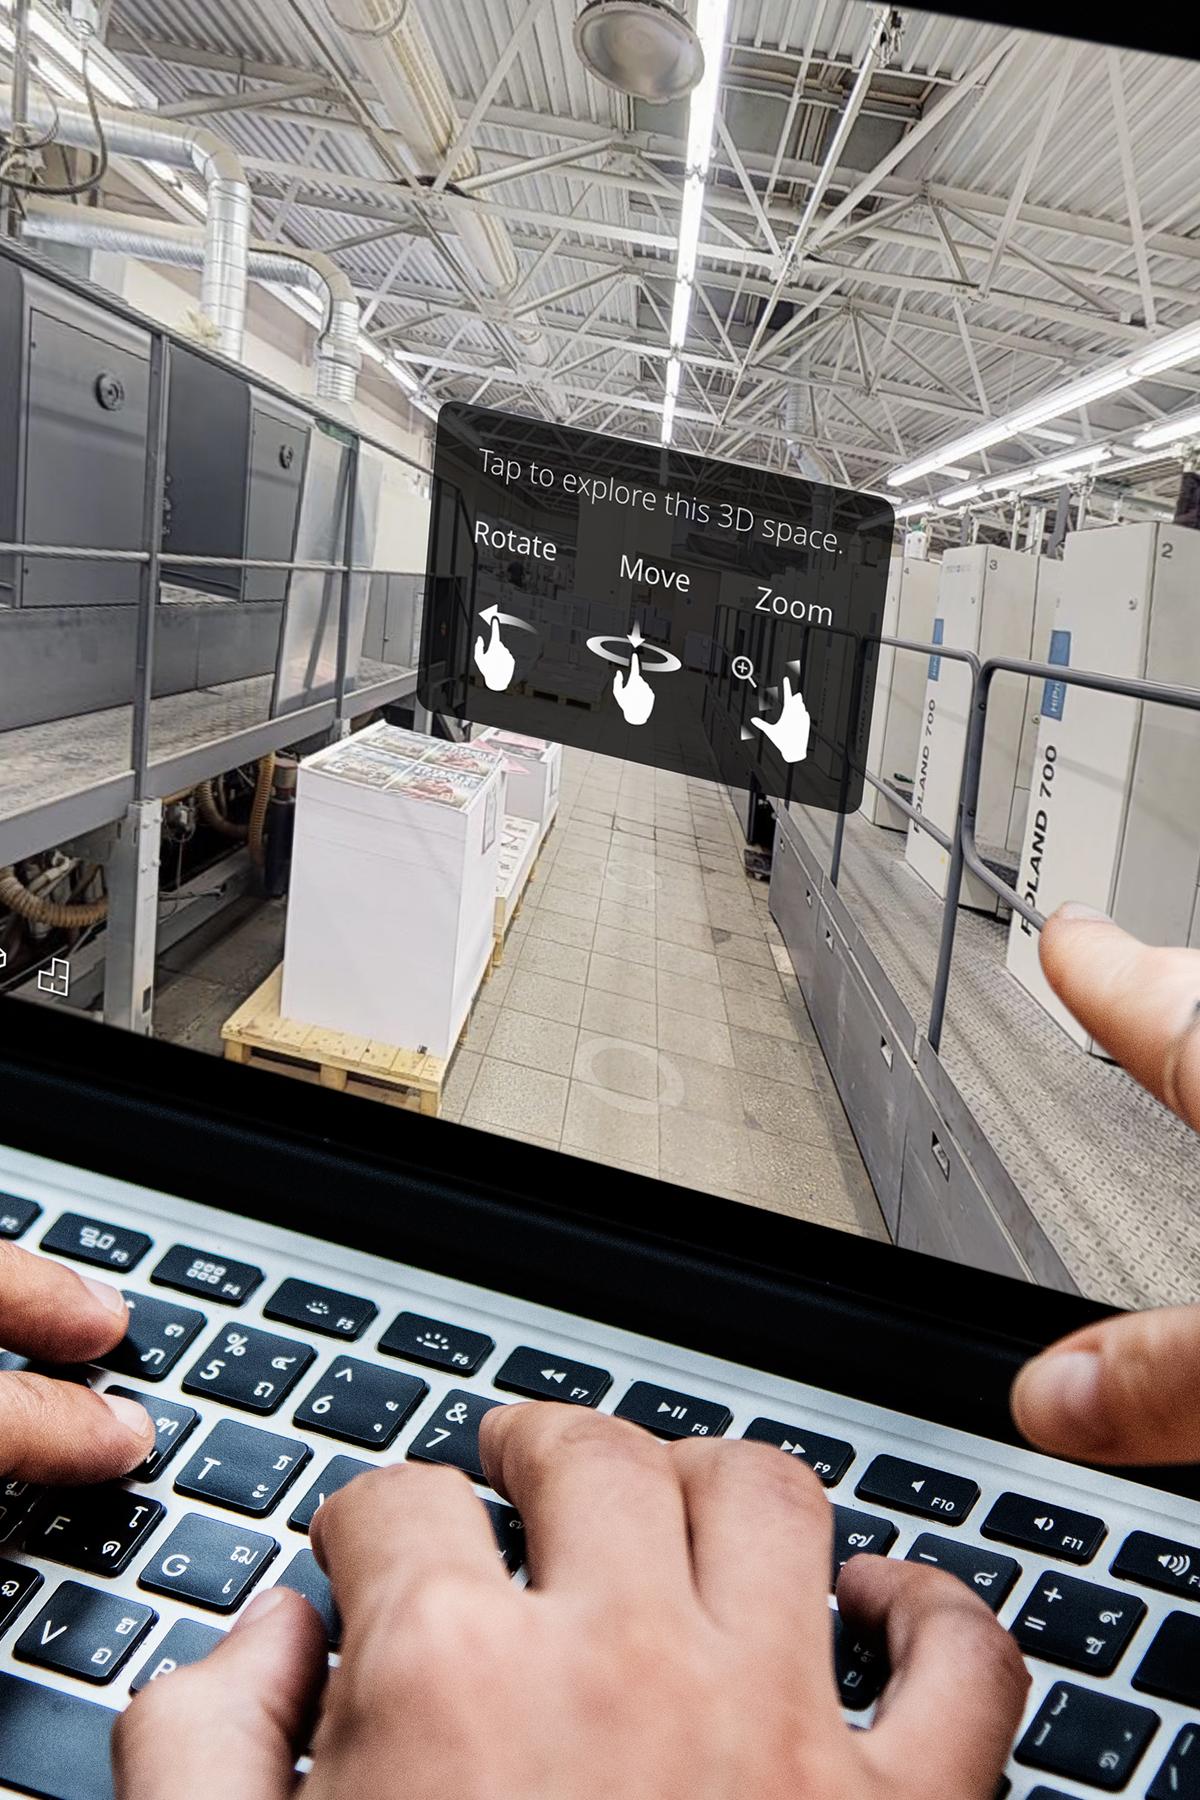 Virtuaaltuuride tegemine